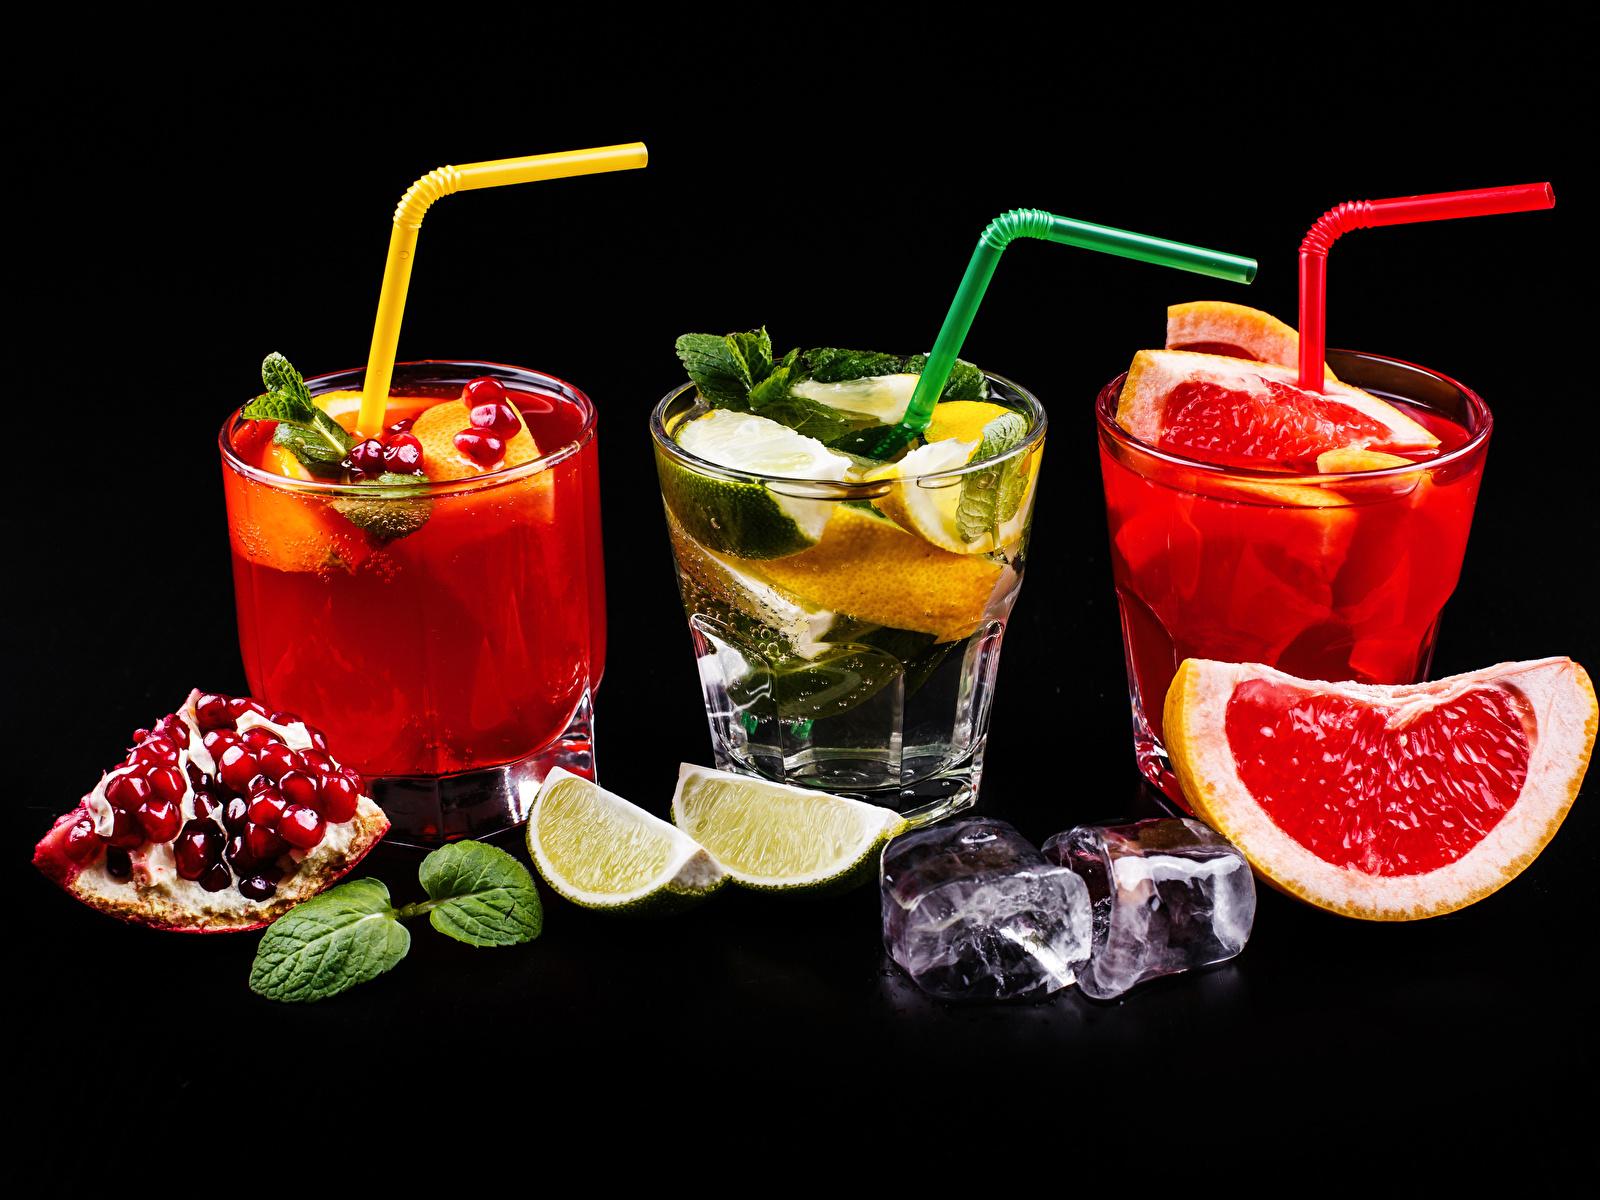 Обои для рабочего стола Алкогольные напитки льда Лайм Грейпфрут Гранат стакане Пища Трое 3 Коктейль Черный фон 1600x1200 Лед Стакан стакана Еда три втроем Продукты питания на черном фоне